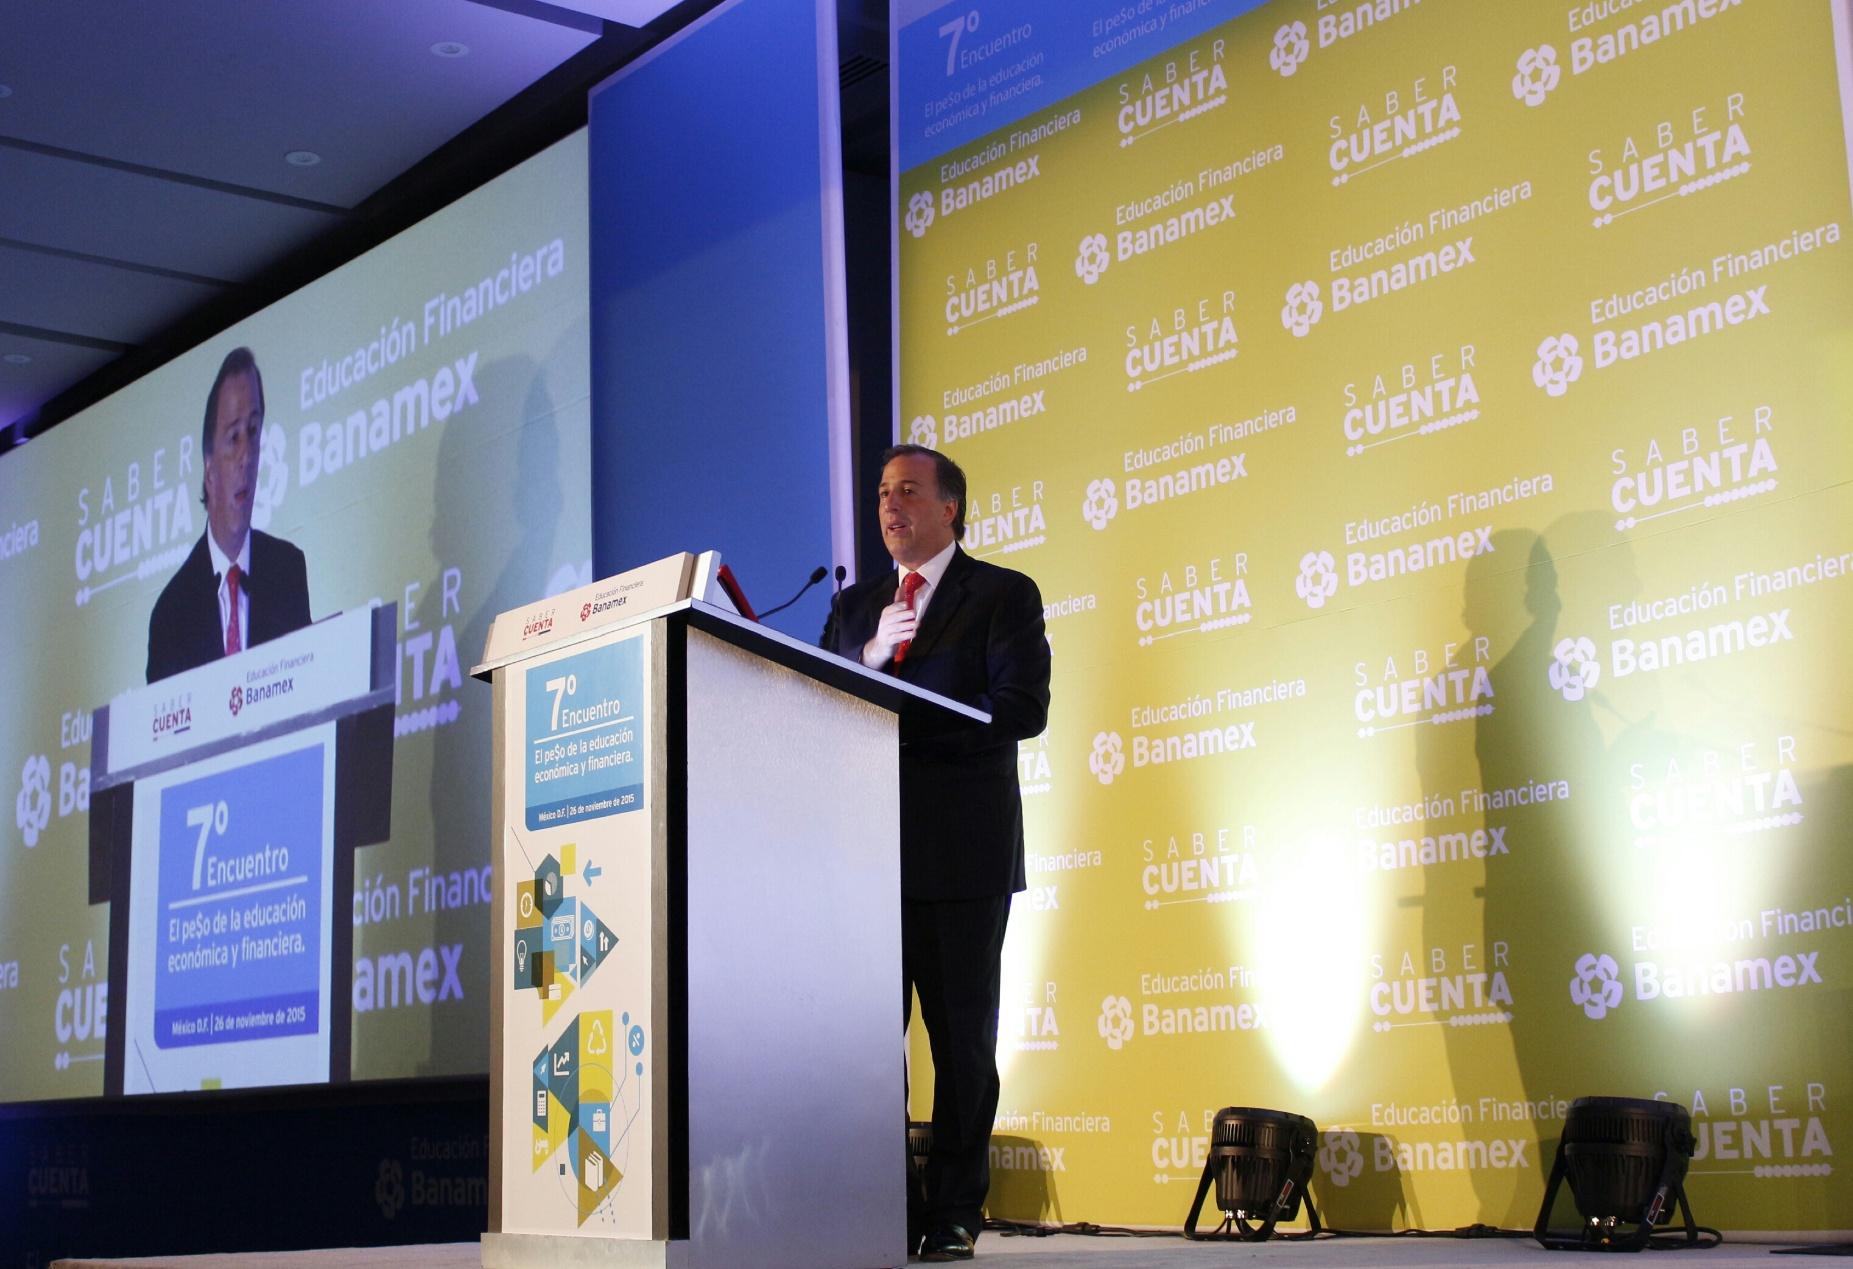 FOTO 3 Secretario Jos  Antonio Meade Kuribre a durante el S ptimo Encuentro de Educaci n Financiera.jpg